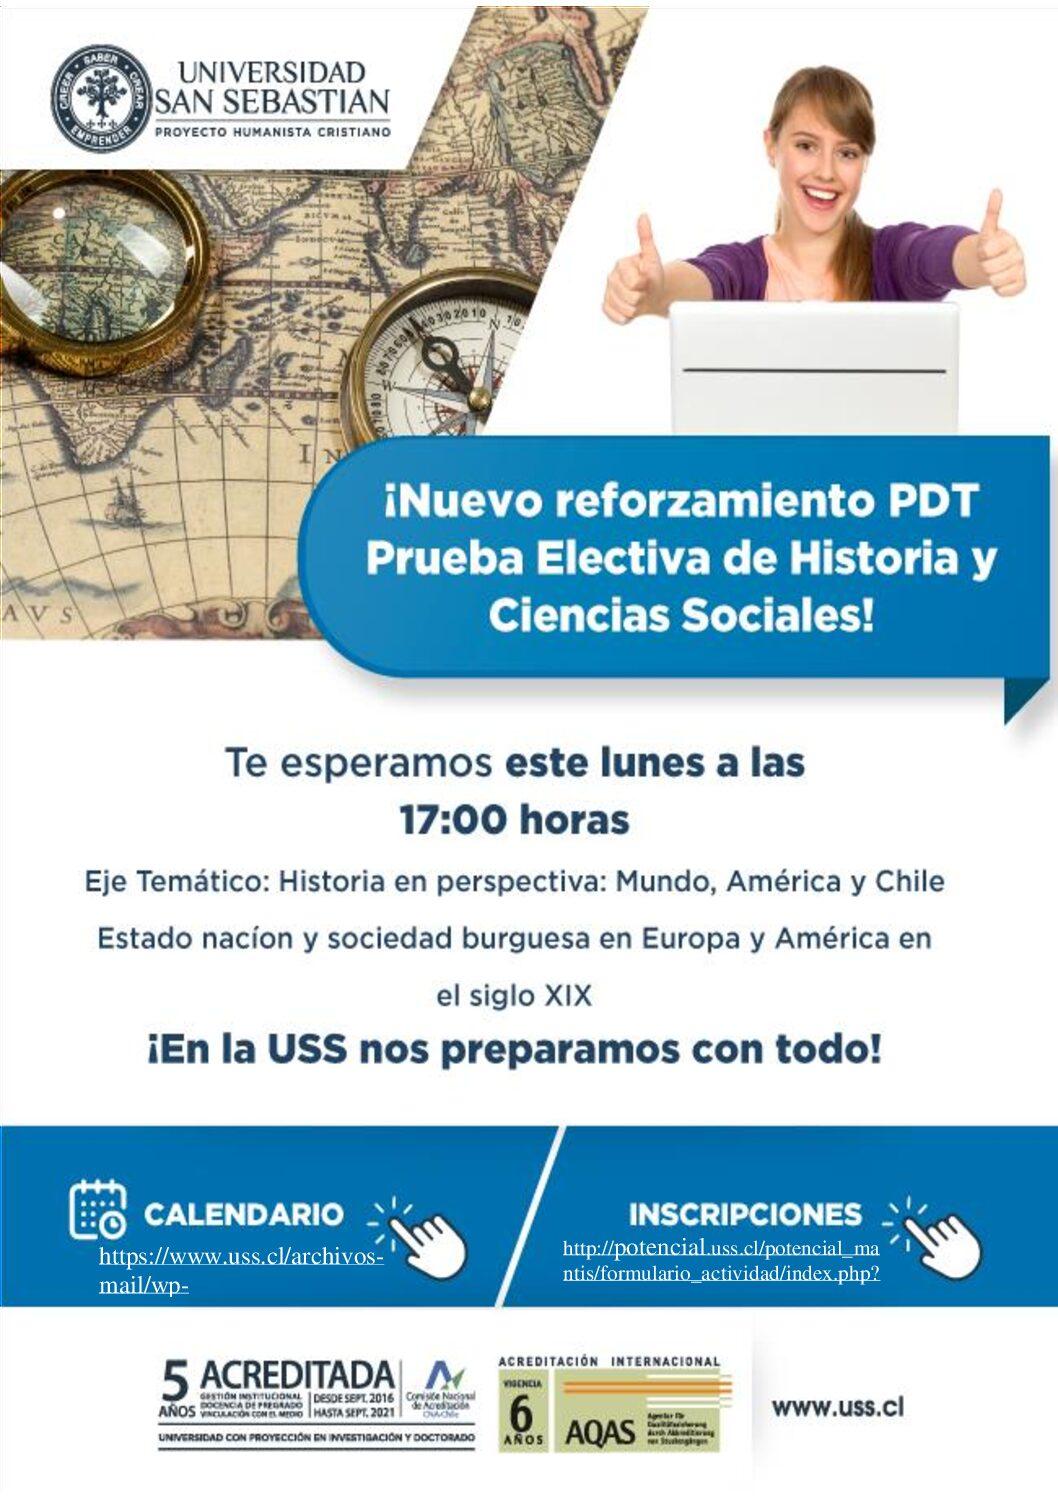 Reforzamiento PDT Historia y Ciencias Sociales - USS.